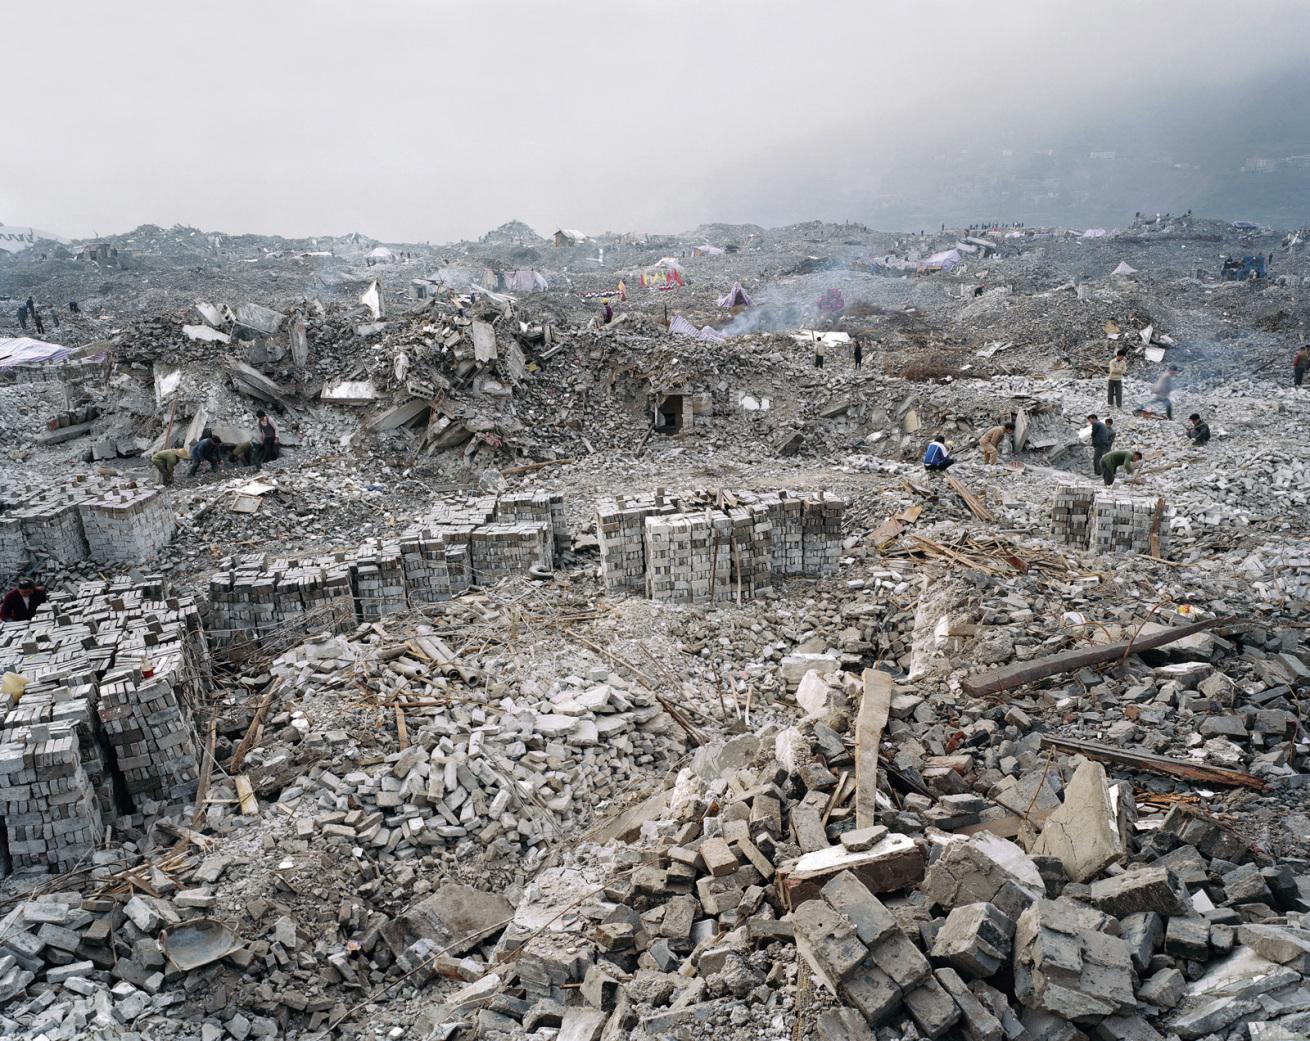 Fotó: Edward Burtynsky<br />Feng Jie # 4, Három-szoros gátprojekt, Jangce, 2002,<br />